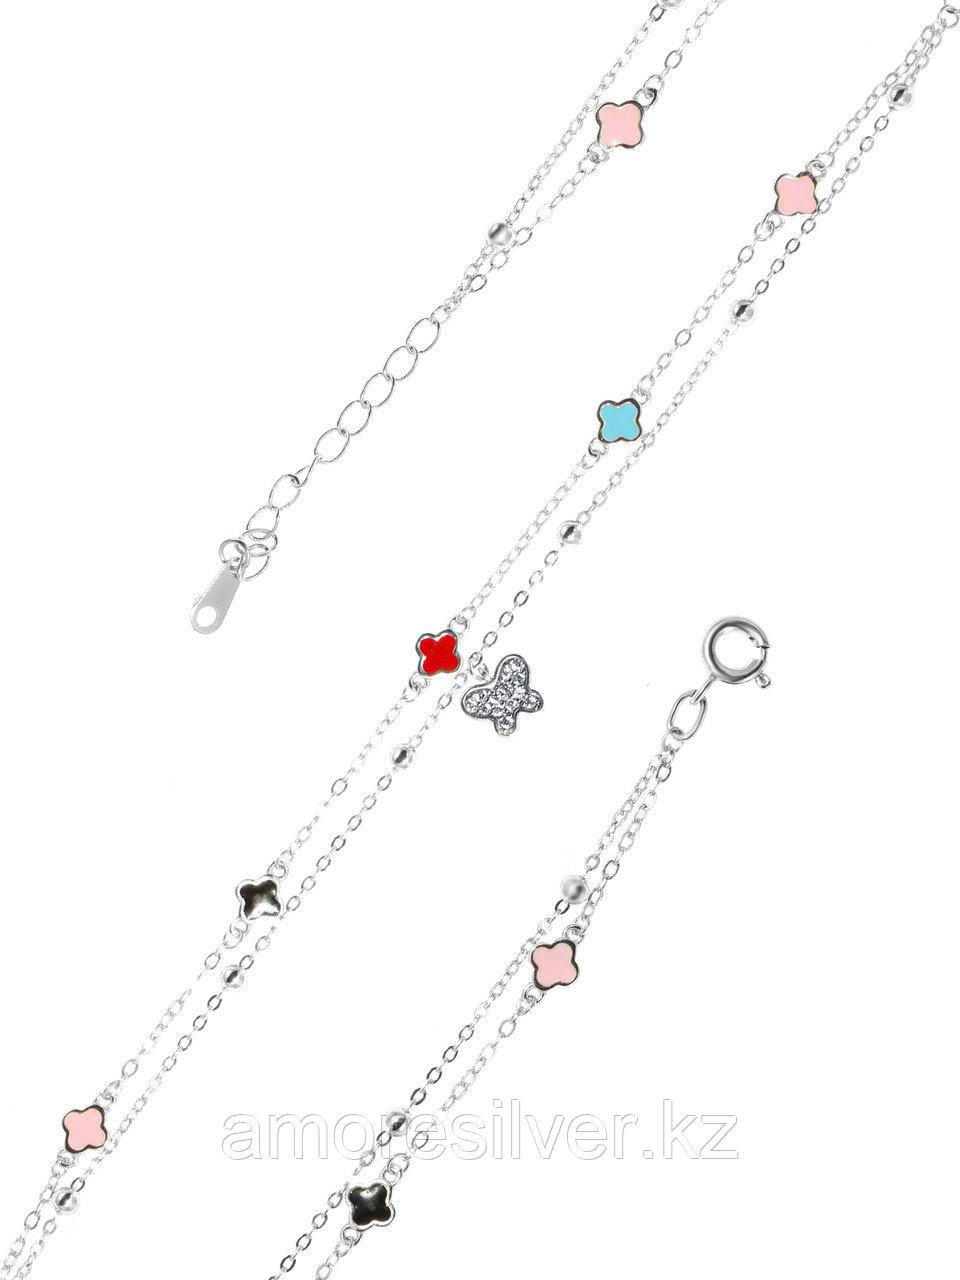 Браслет Адамант серебро с родием, фианит эмаль Ср925Р-8К3603016